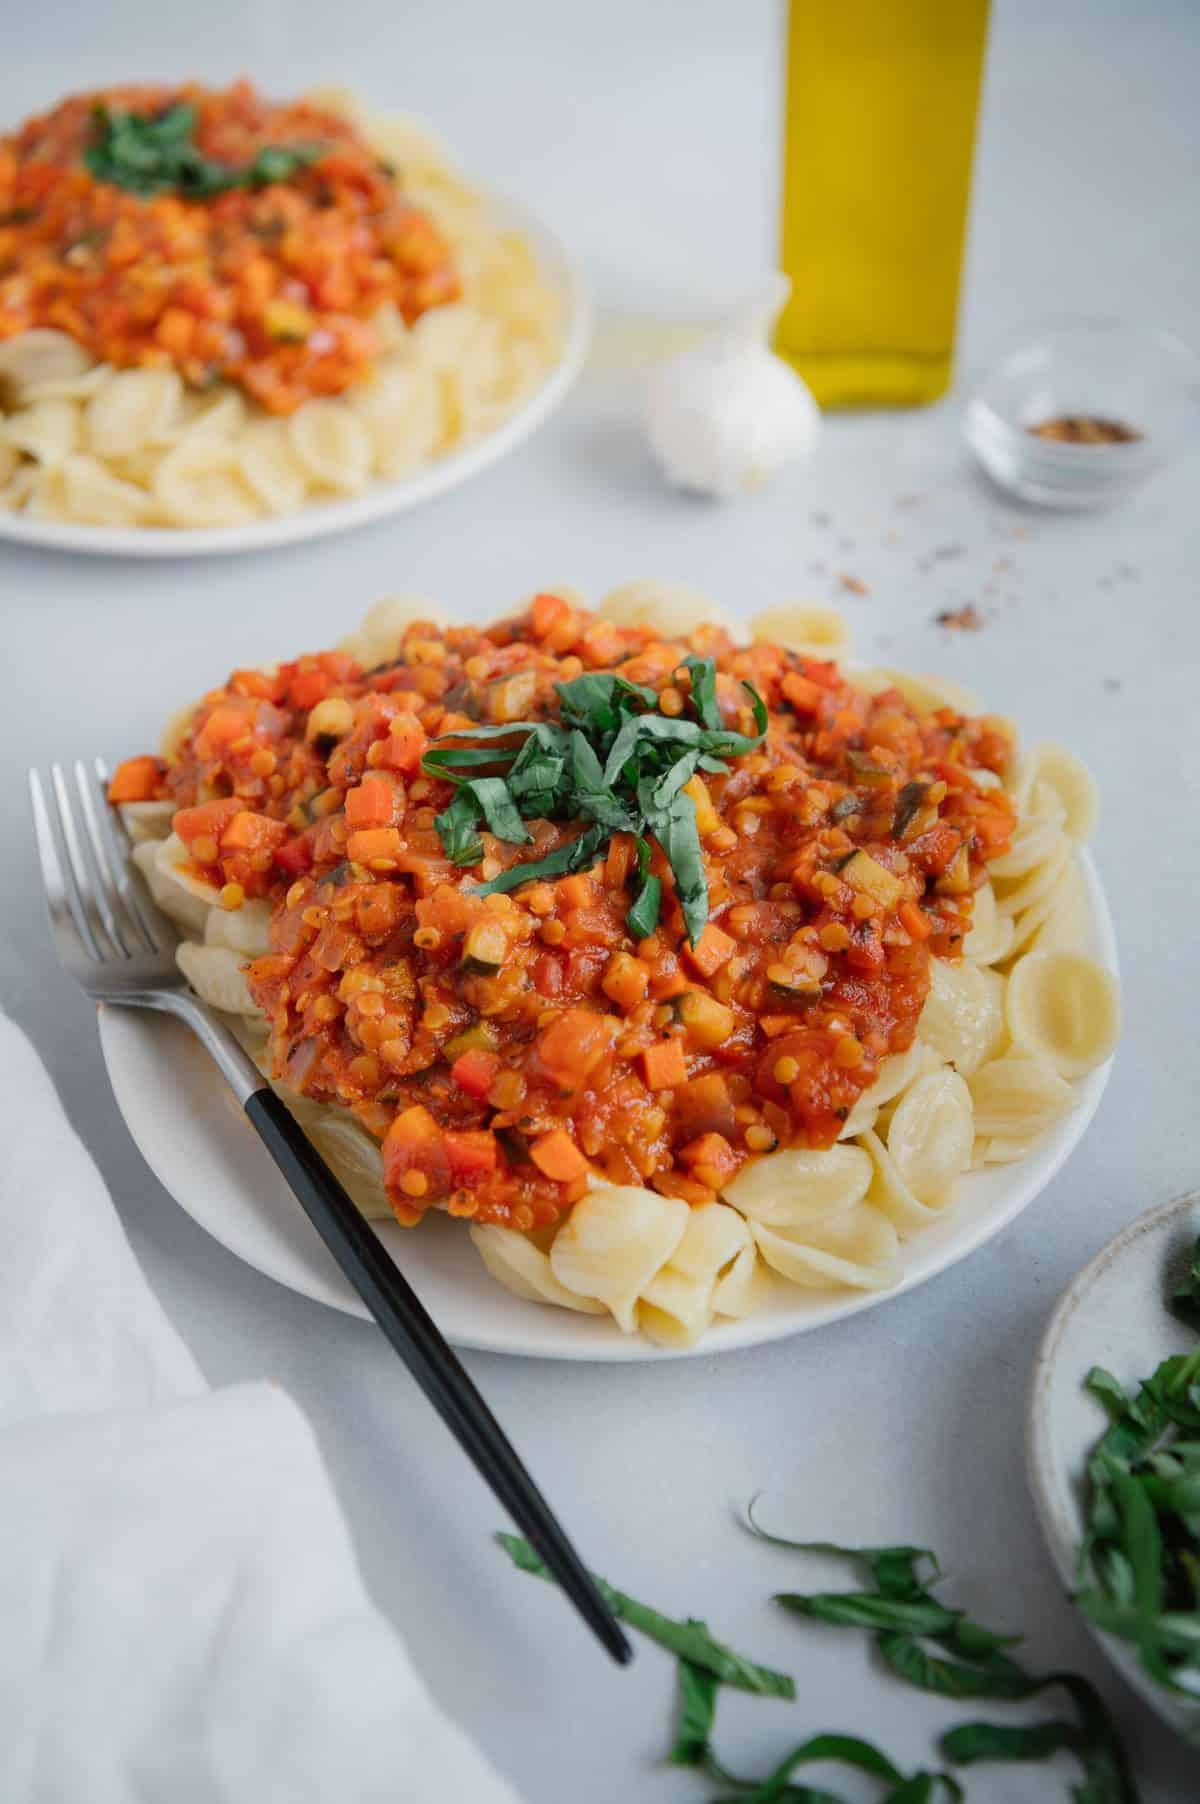 Spicy Lentil Pasta